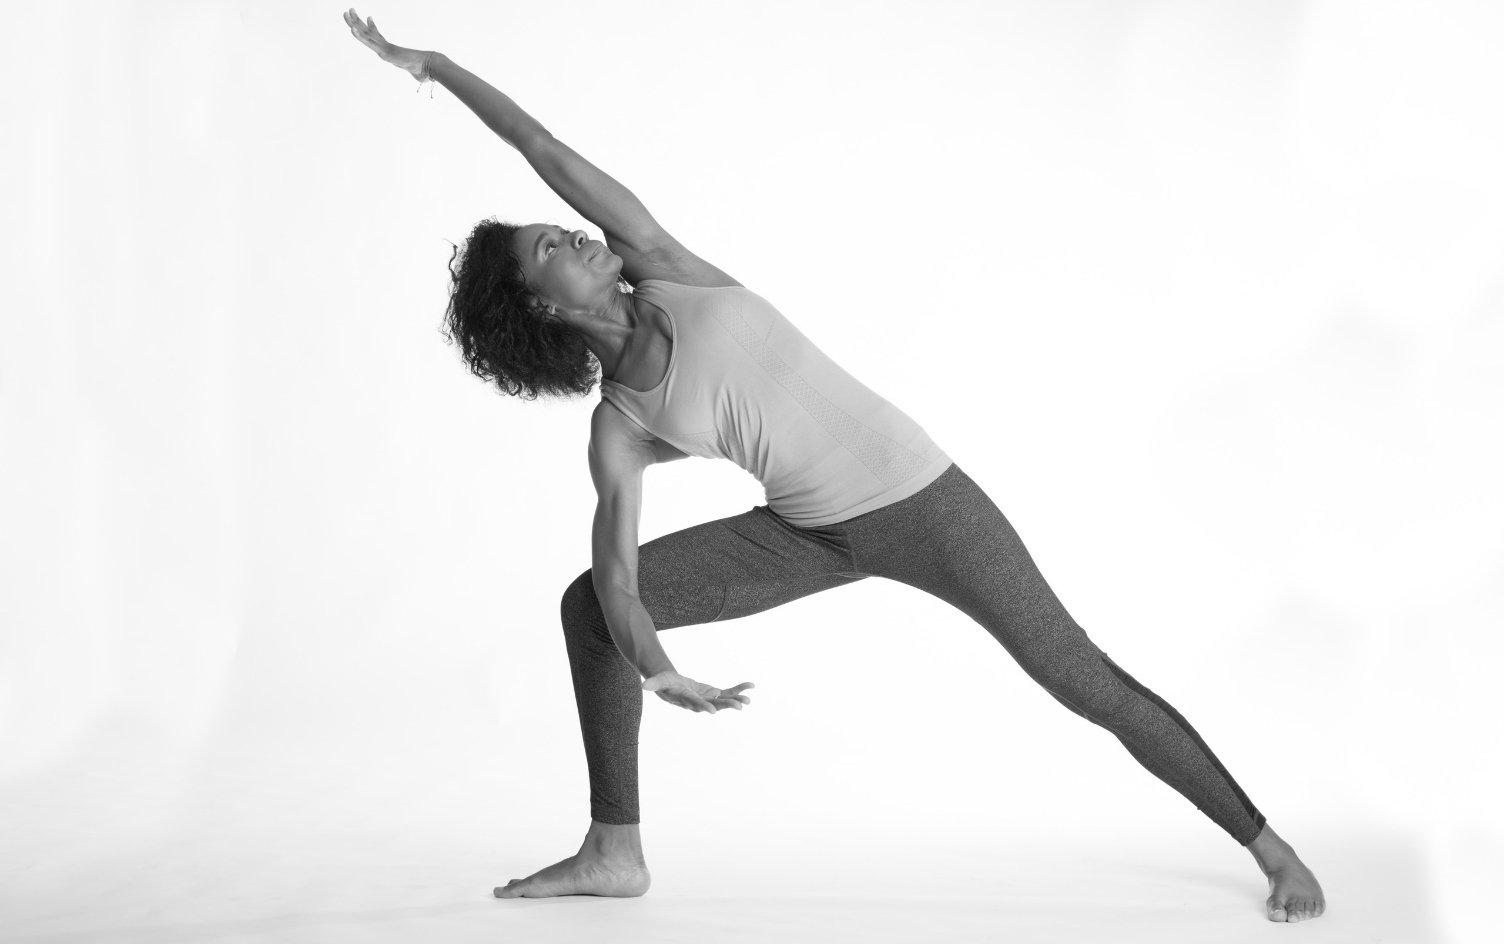 La posizione yoga dell'angolo laterale è imprescindibile per chi vuole iniziare la praticae